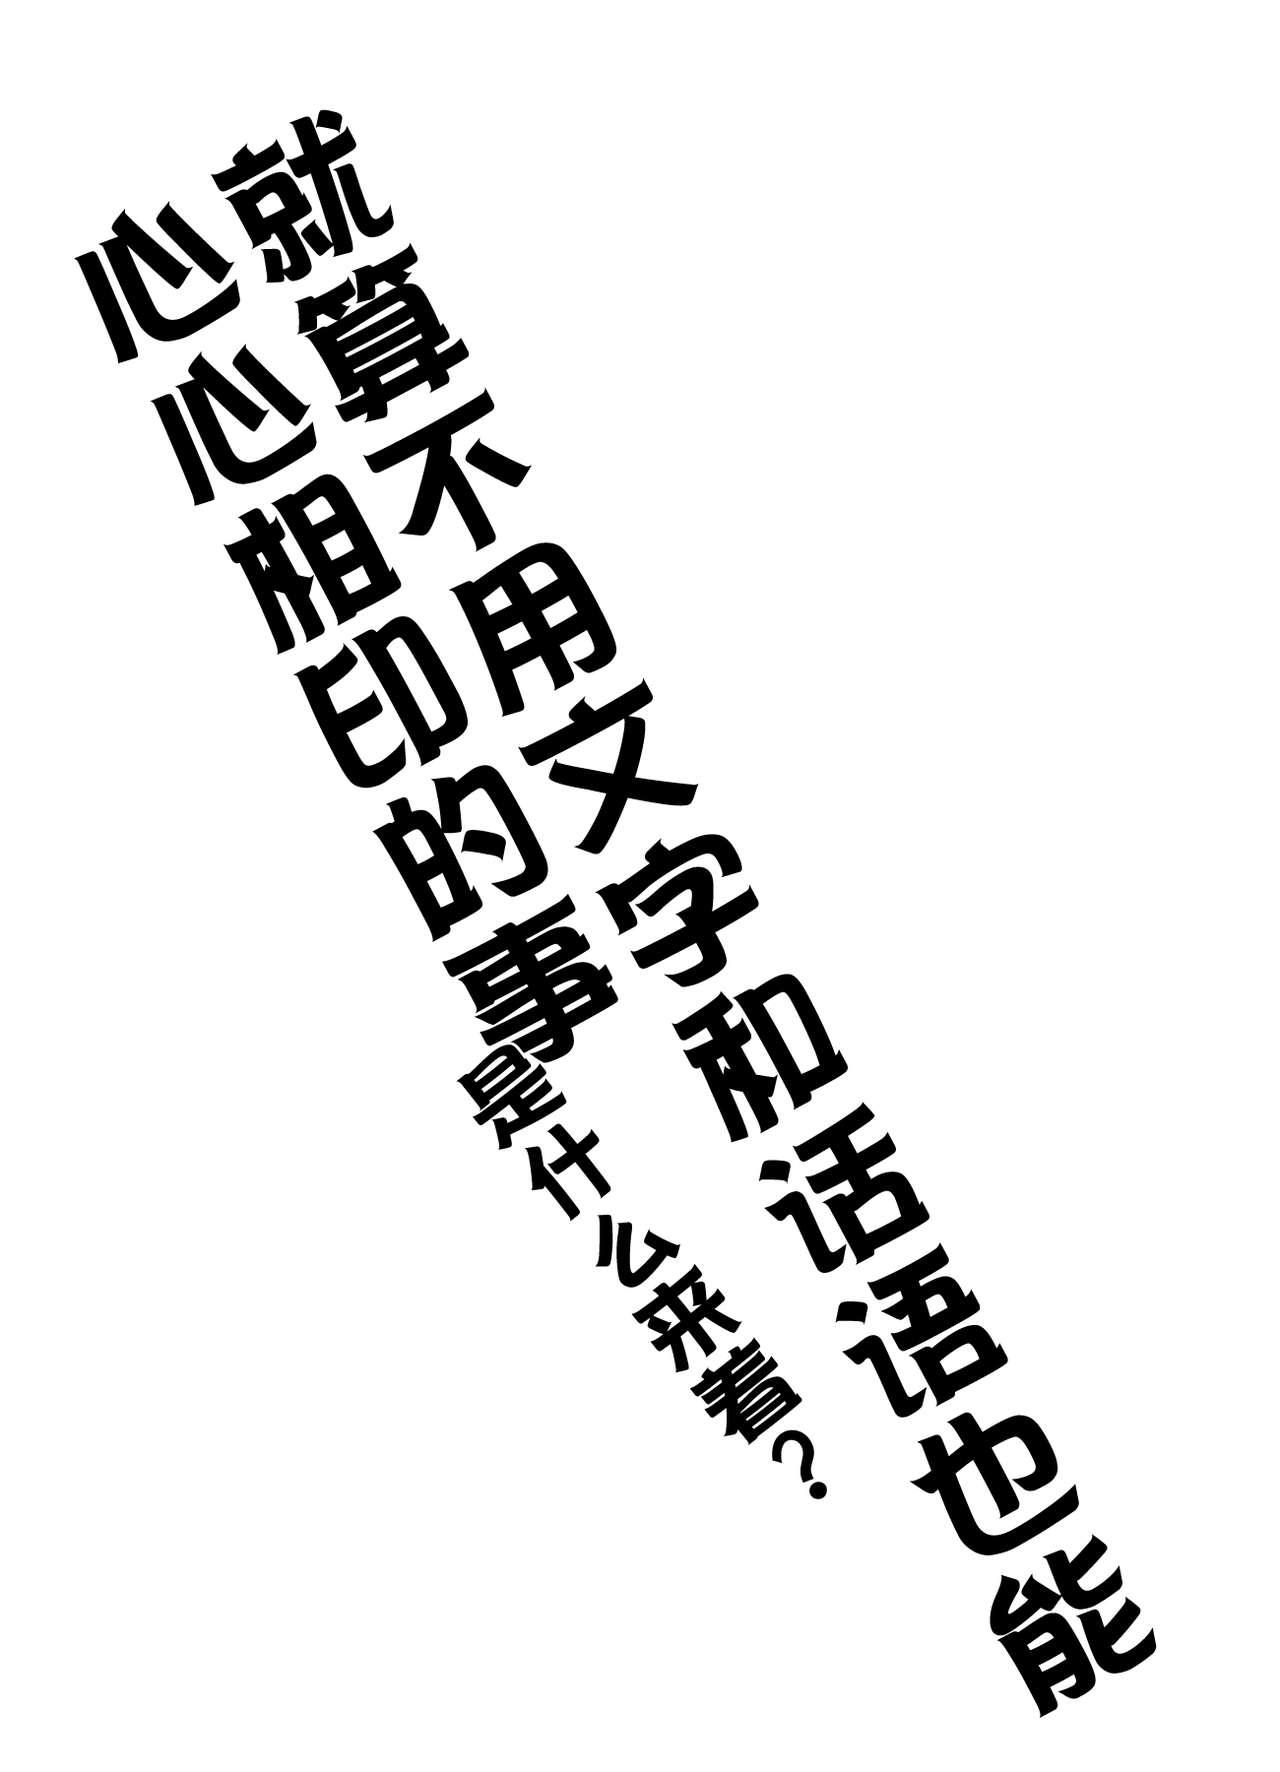 Kotoba ya Moji o Tsukawanakute mo Kokoro ga Tsuujiau Koto tte Nandakke? 3